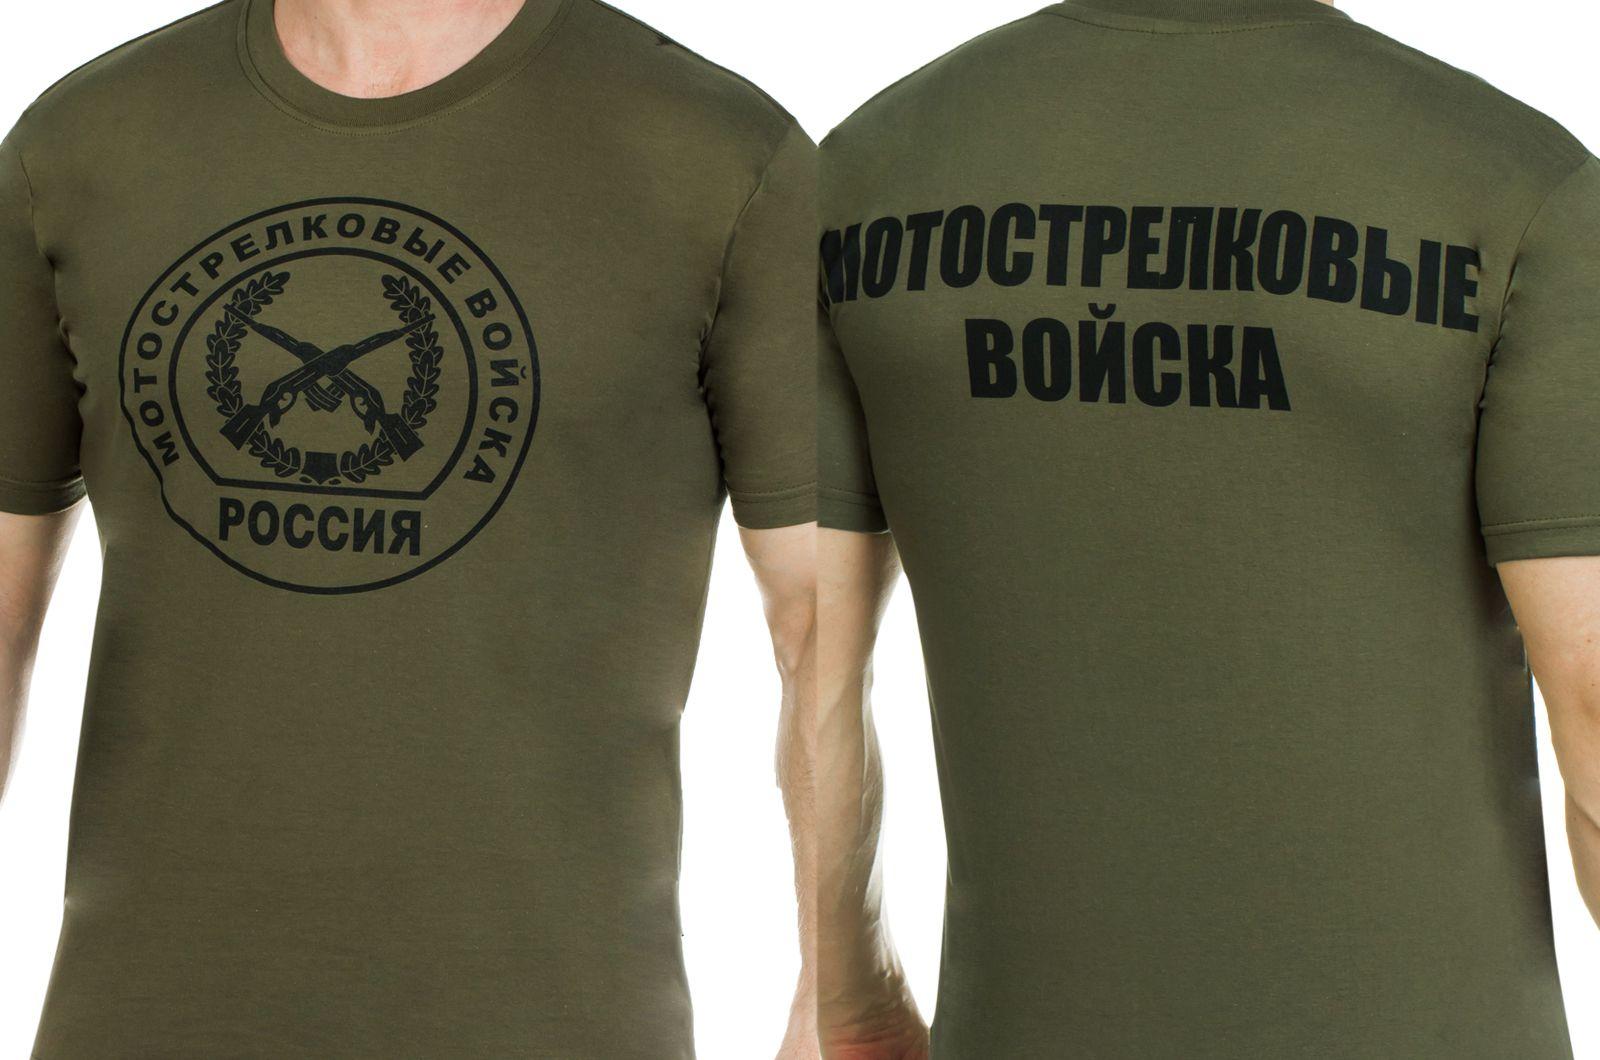 Заказать футболки с эмблемой Мотострелковых войск